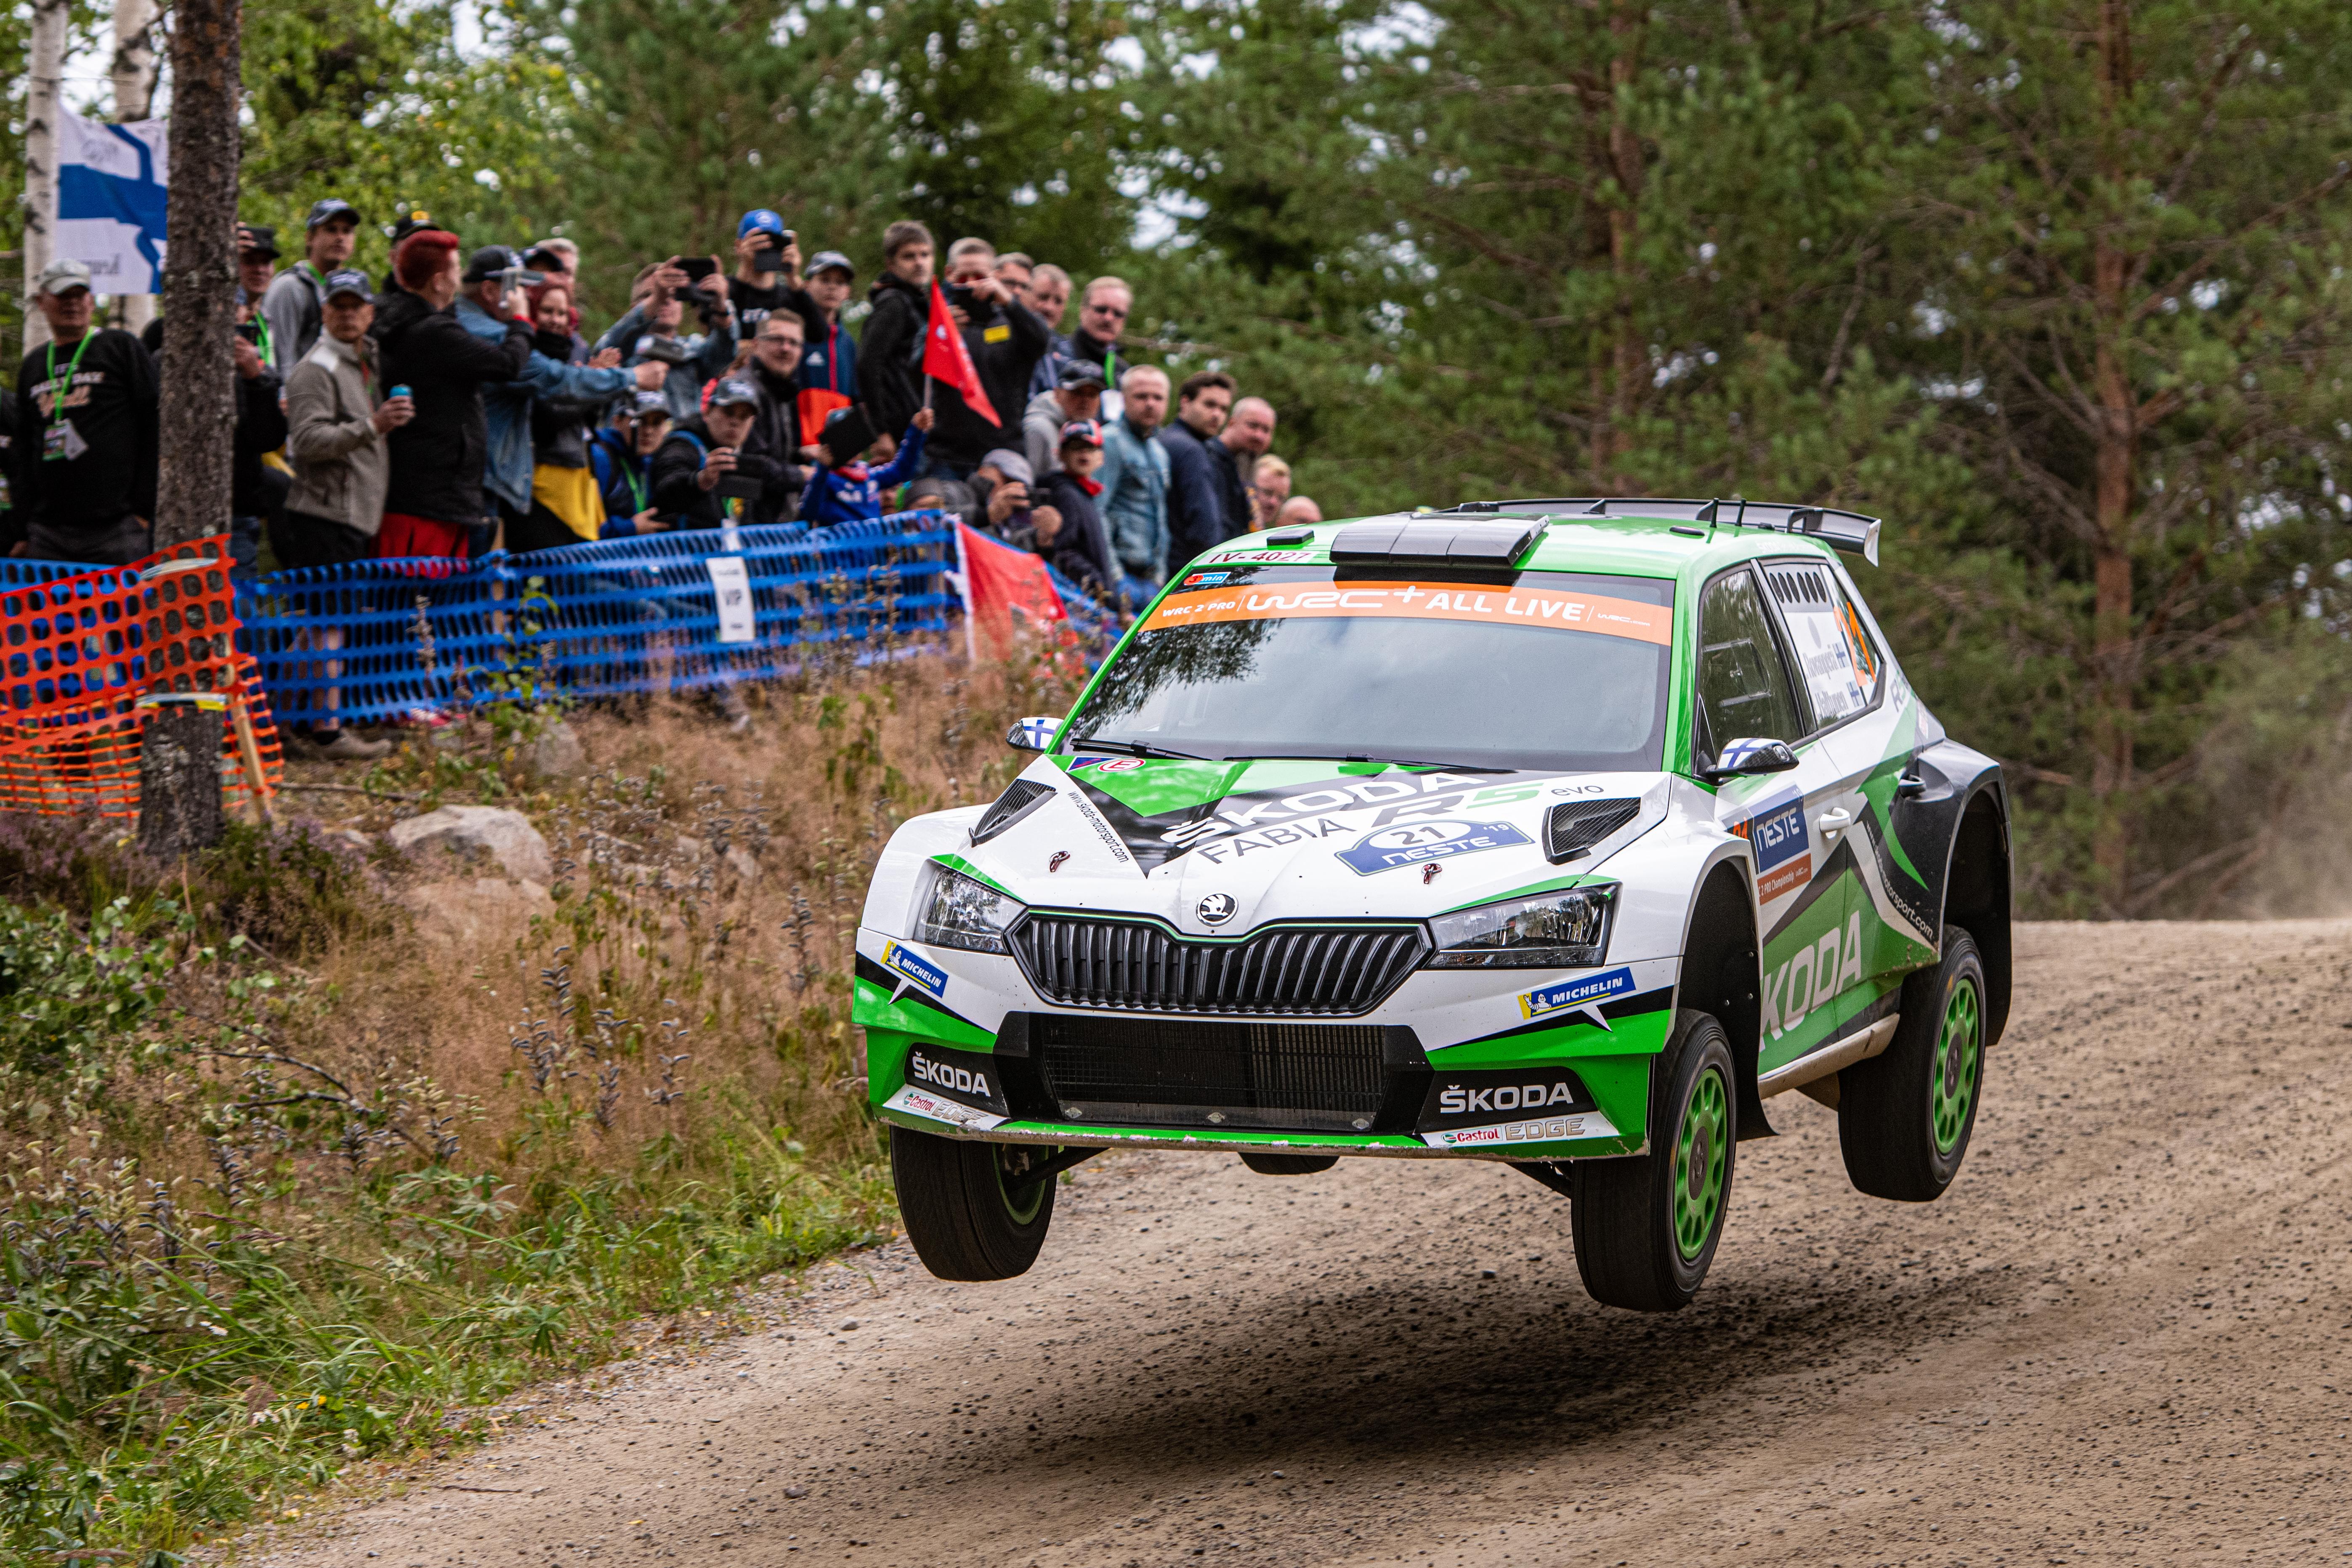 Category/skoda >> Neste Rally Finland Skoda S Local Hero Kalle Rovanpera